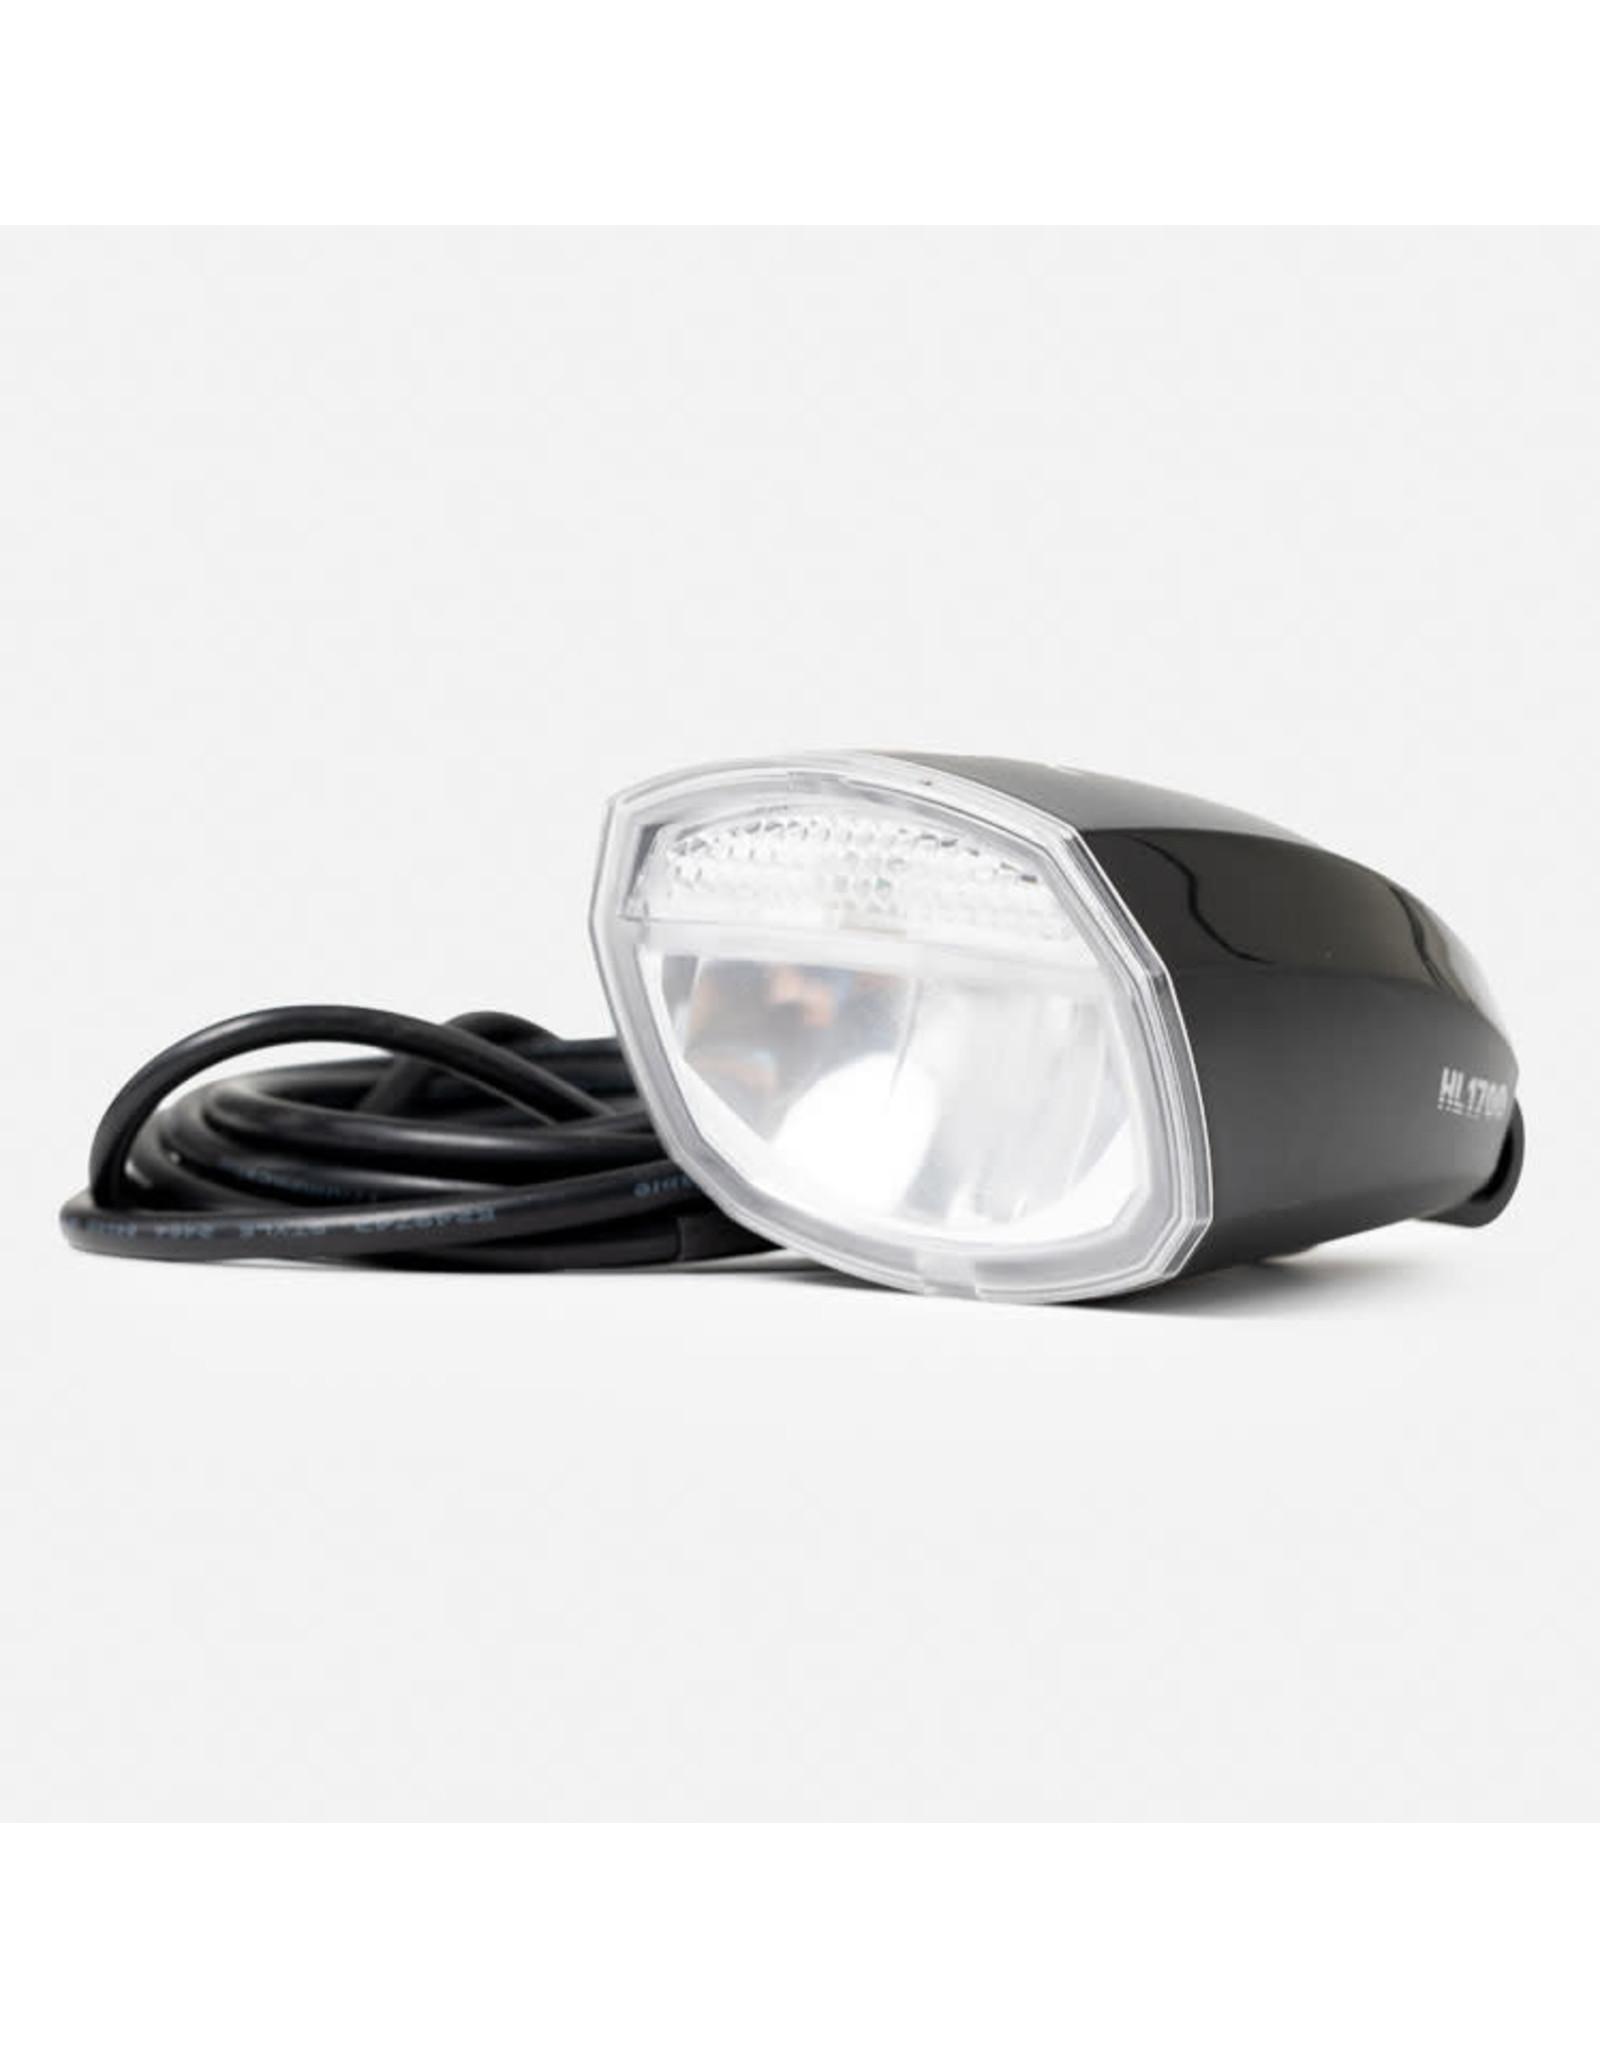 BLAZE-LITE 12V Front Light